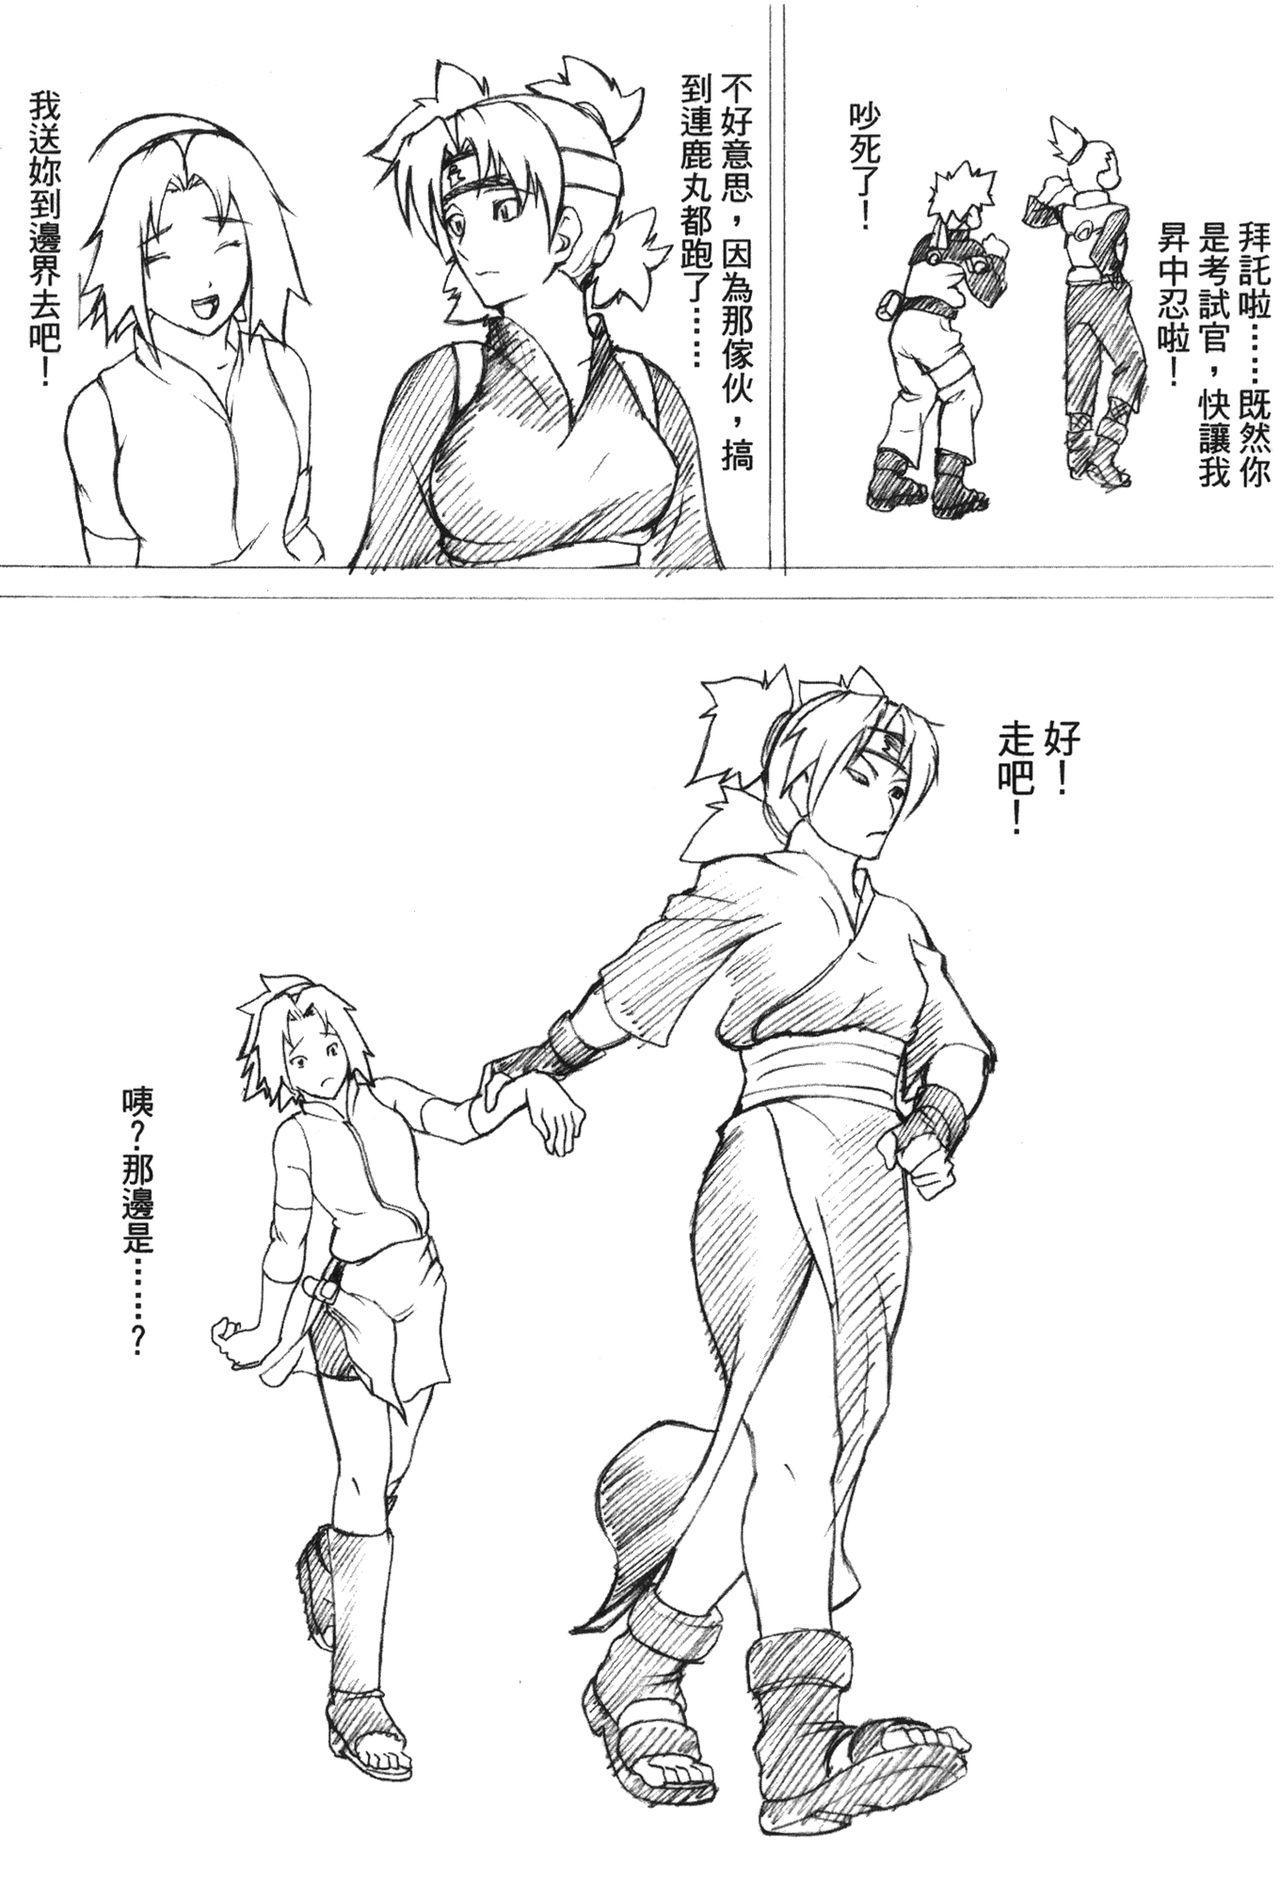 naruto ninja biography vol.02 143